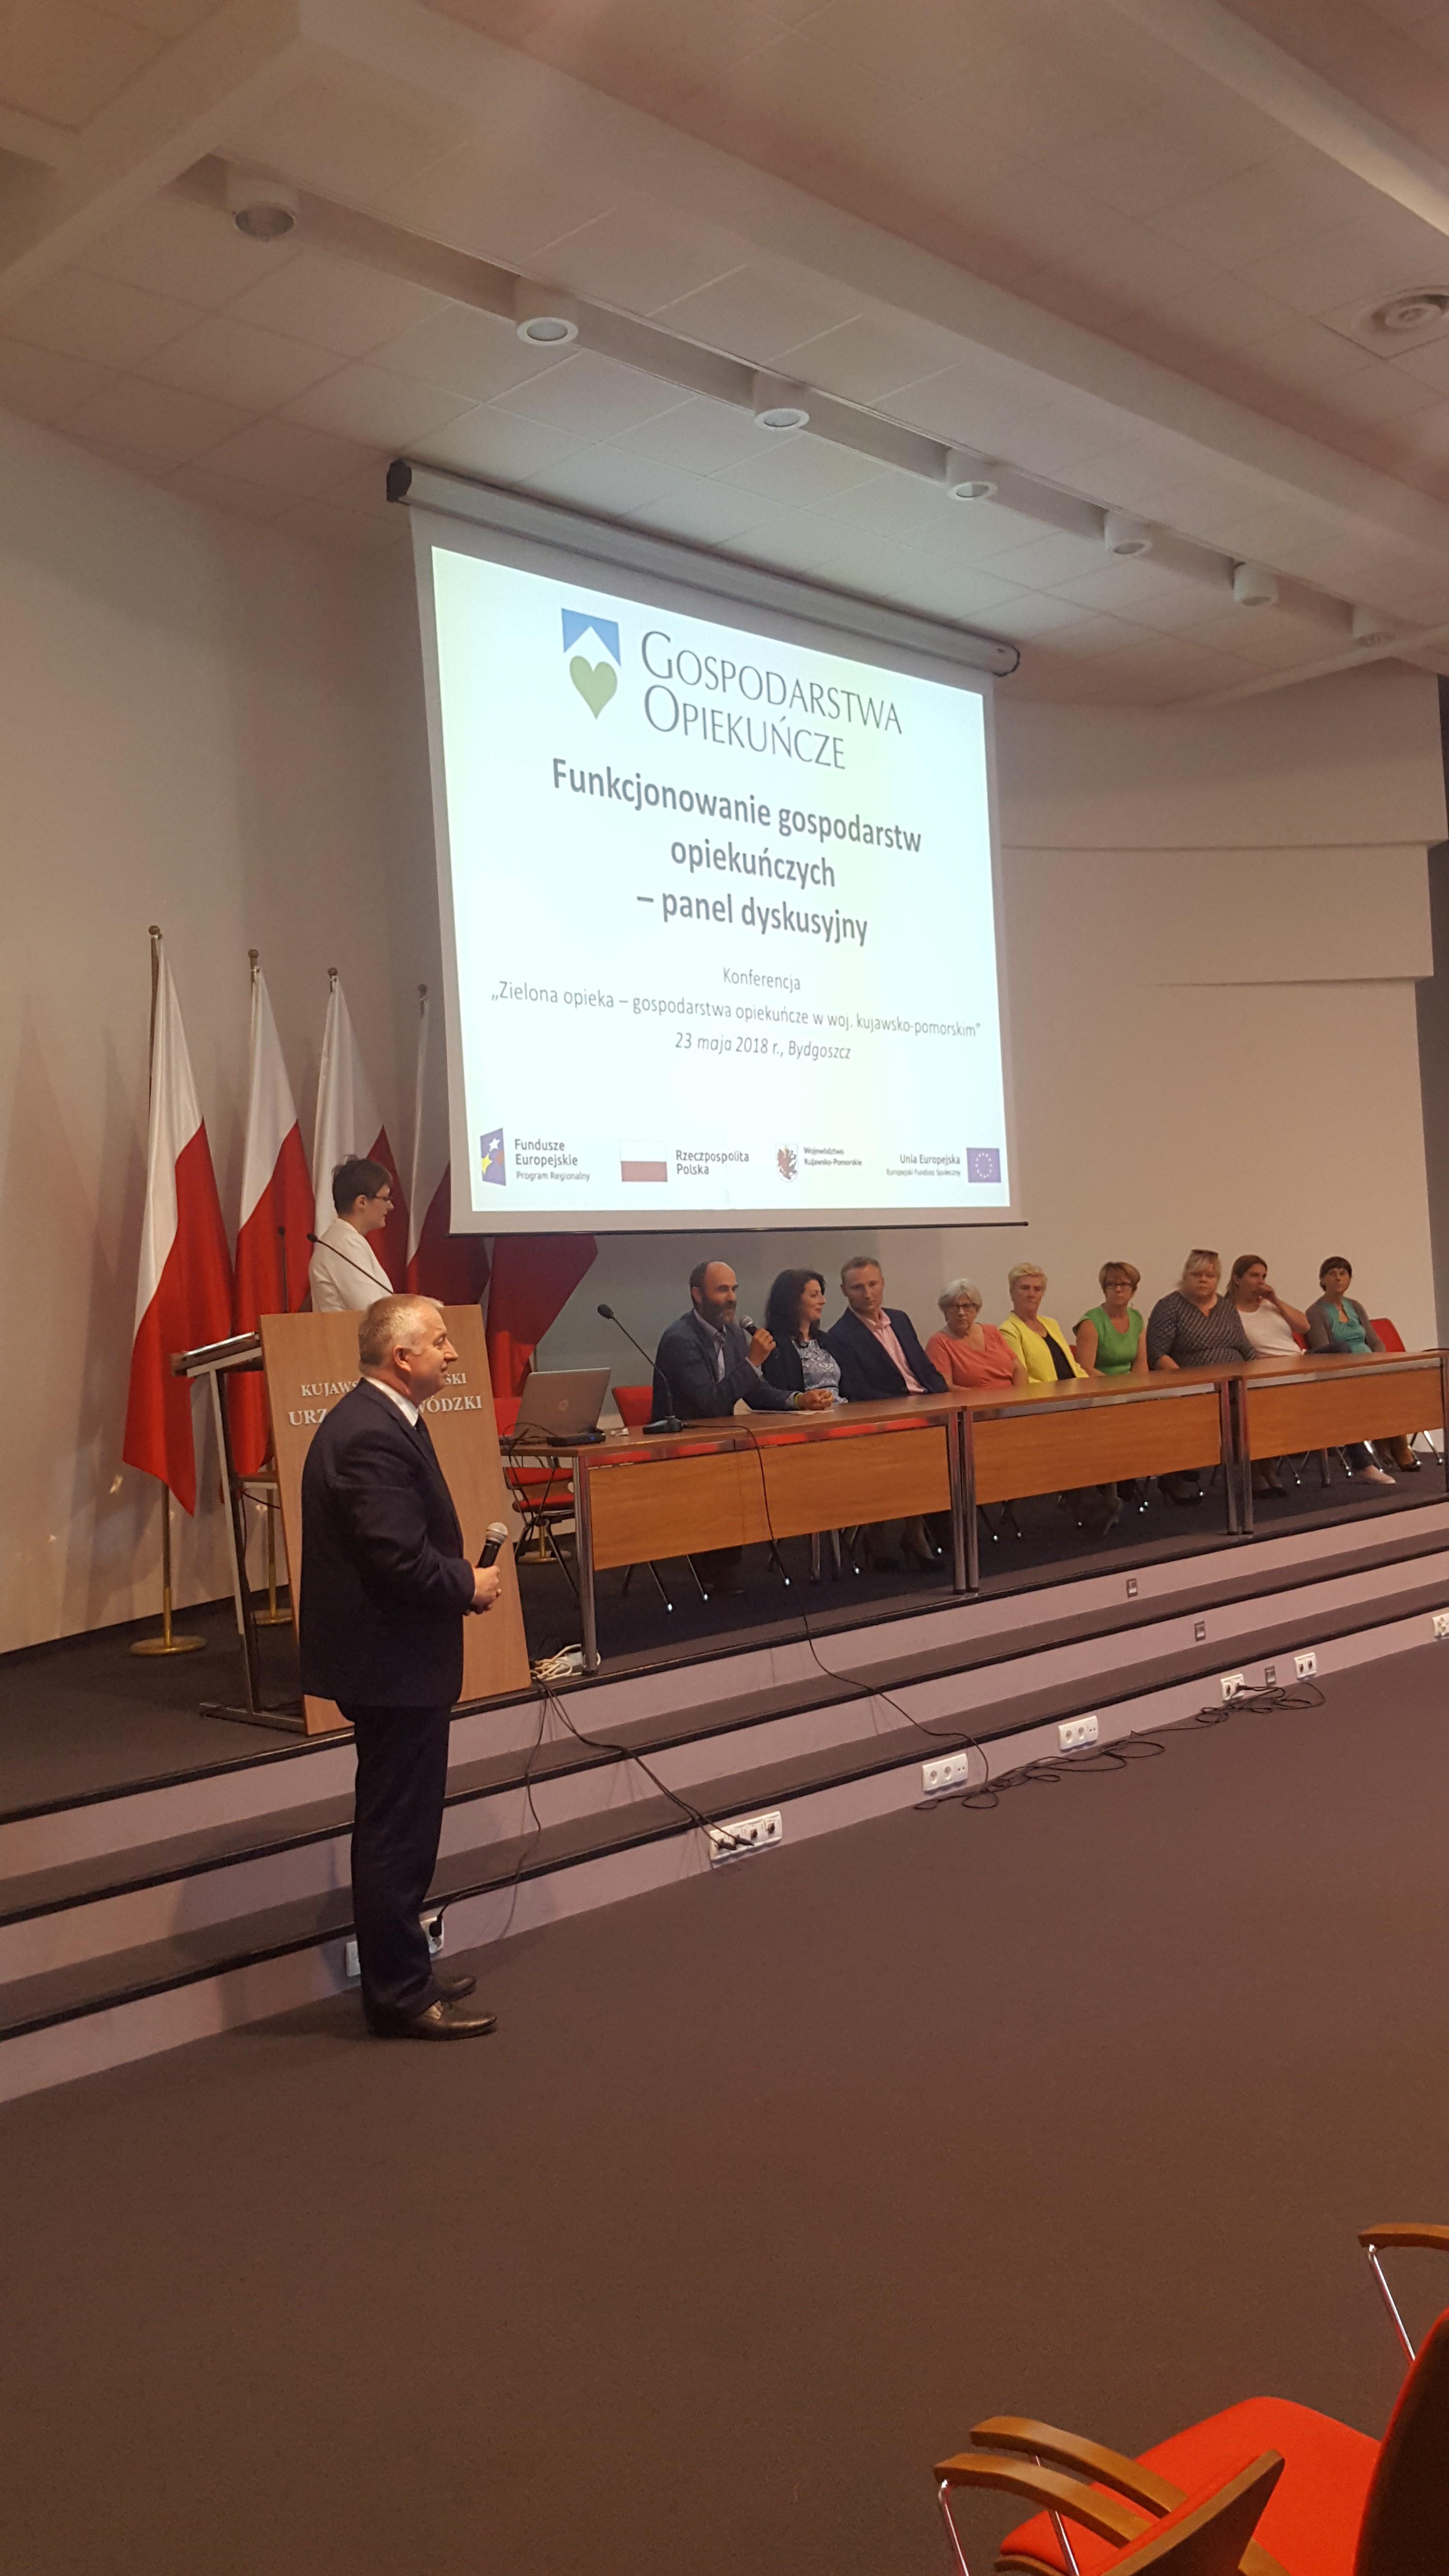 """Konferencja podsumowująca projekt """"Zielona opieka – gospodarstwa opiekuńcze w woj. kujawsko-pomorskim"""""""